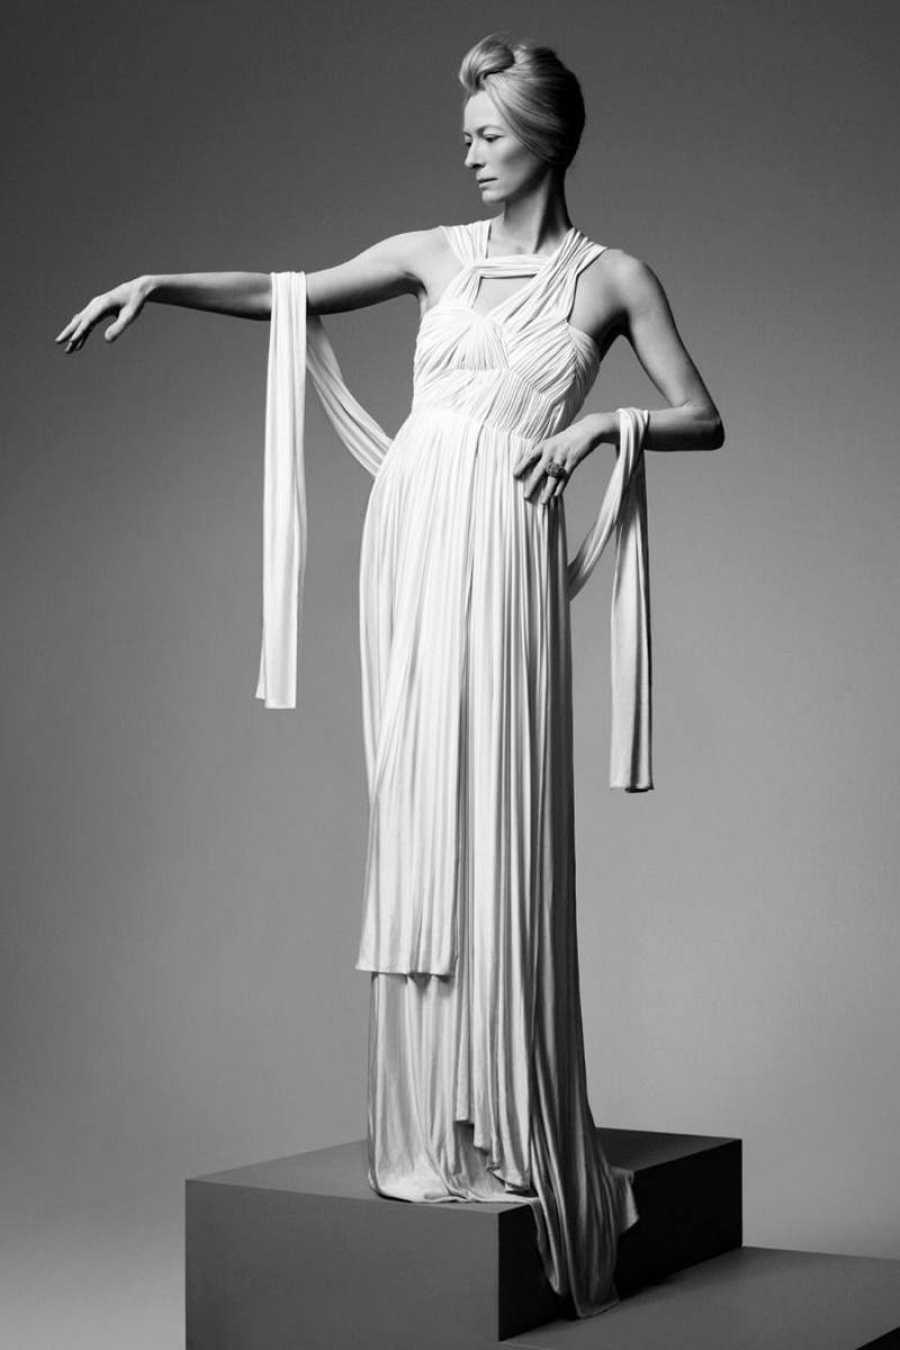 Tilsa Swinton con diseño de Sophia Kokosalaki